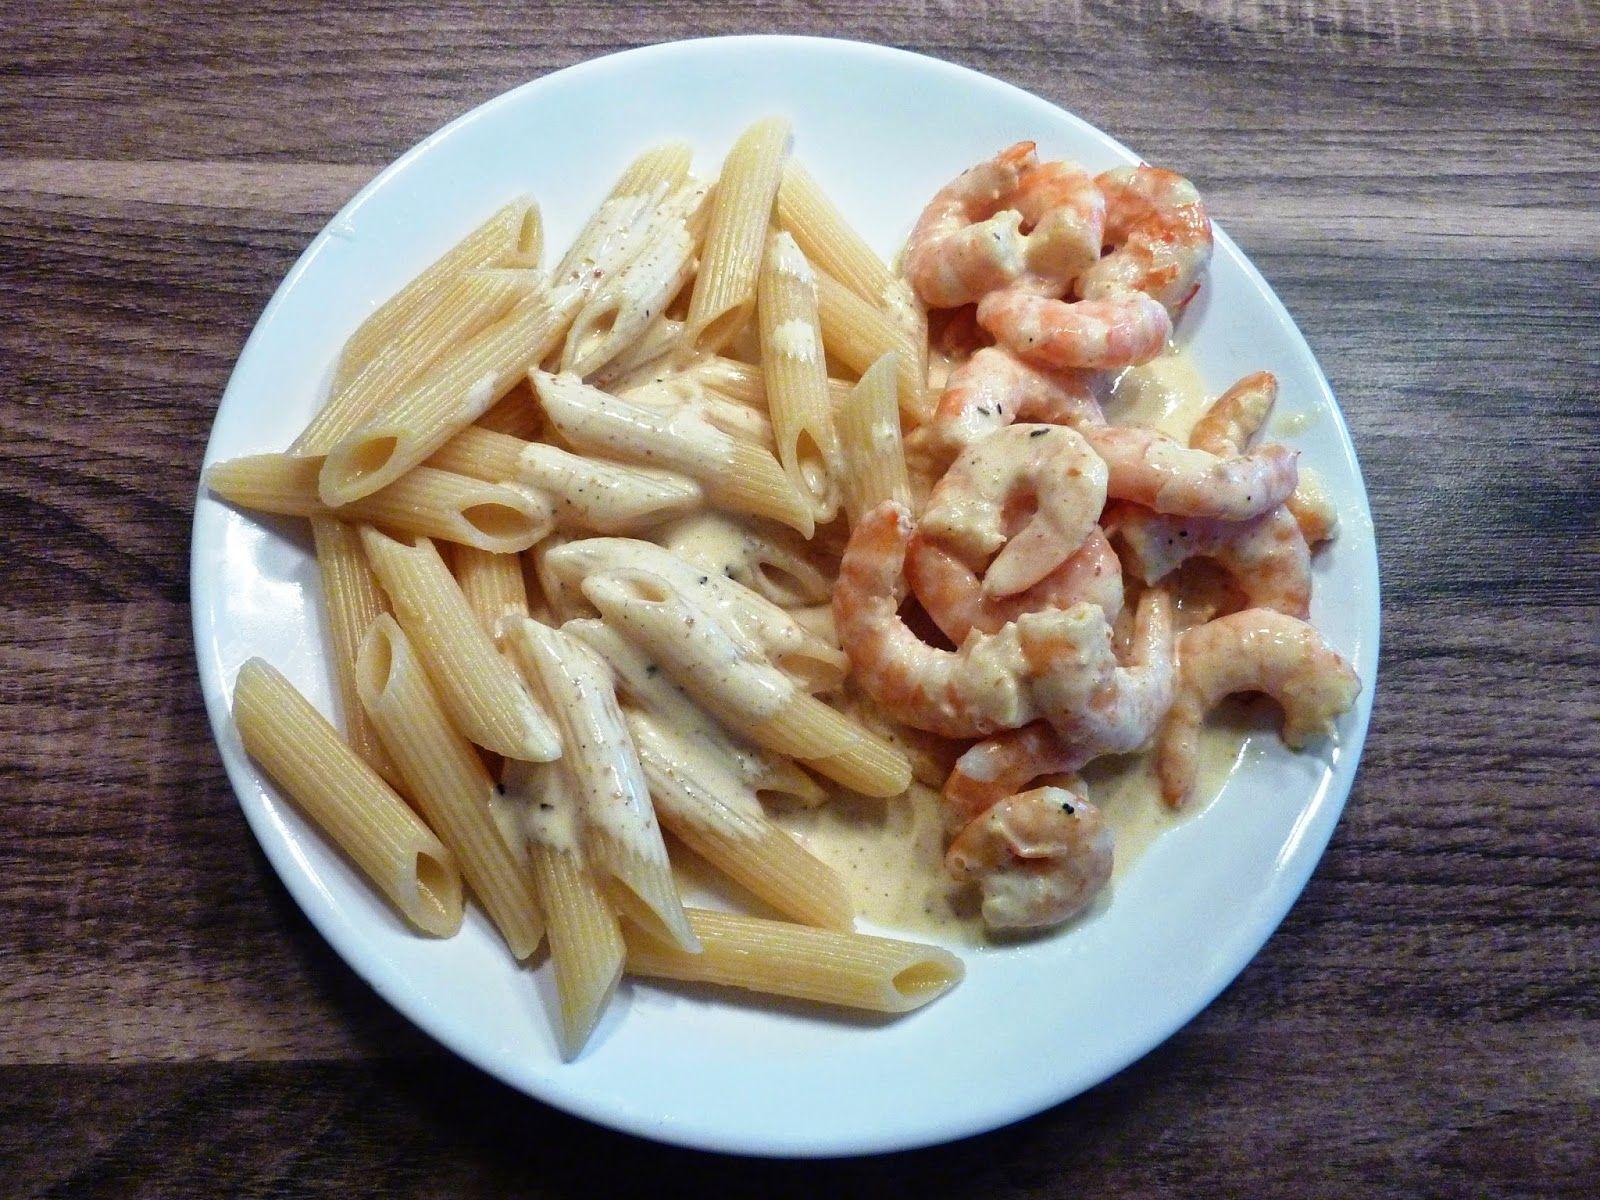 Blog de recettes weight watchers propoint ou pas crevettes pic es au lait de coco - Blog cuisine weight watchers ...